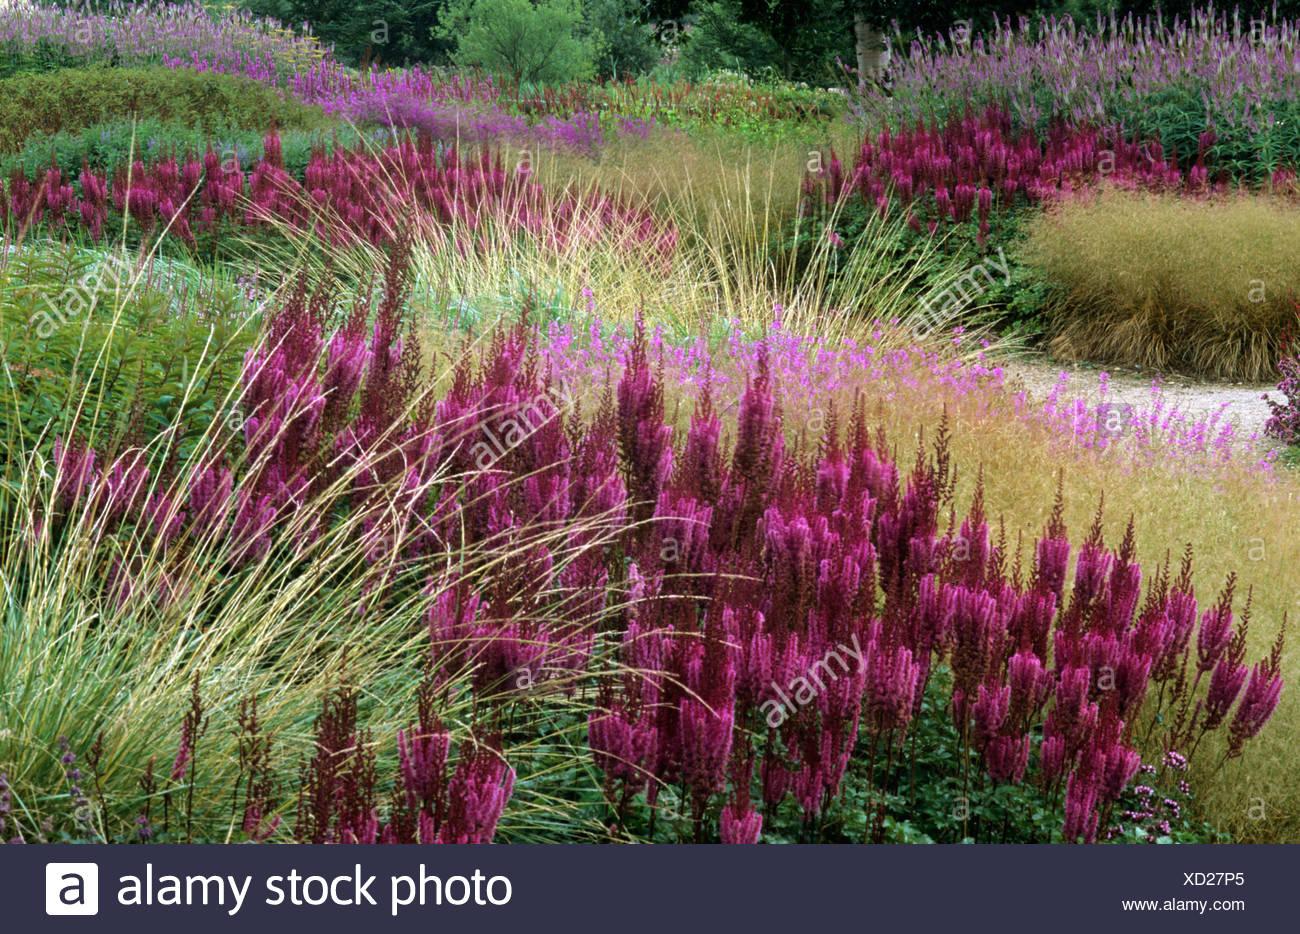 Pensthorpe Millennium Garden Grasses Astilbe Purpurlanze Norfolk